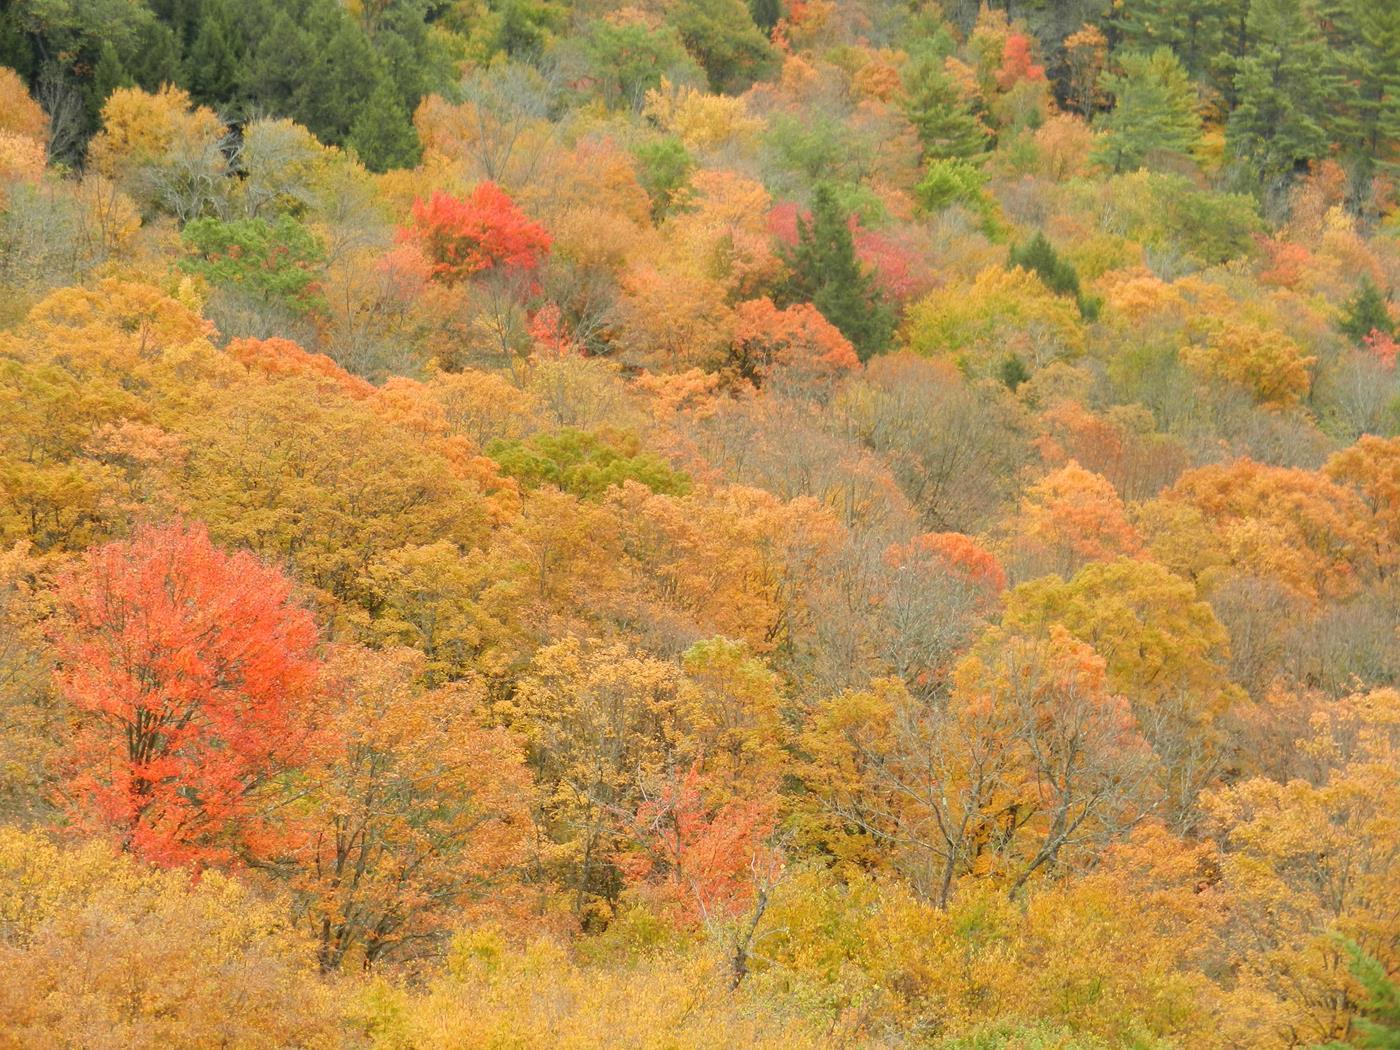 vermont fall foliage walking tours 15